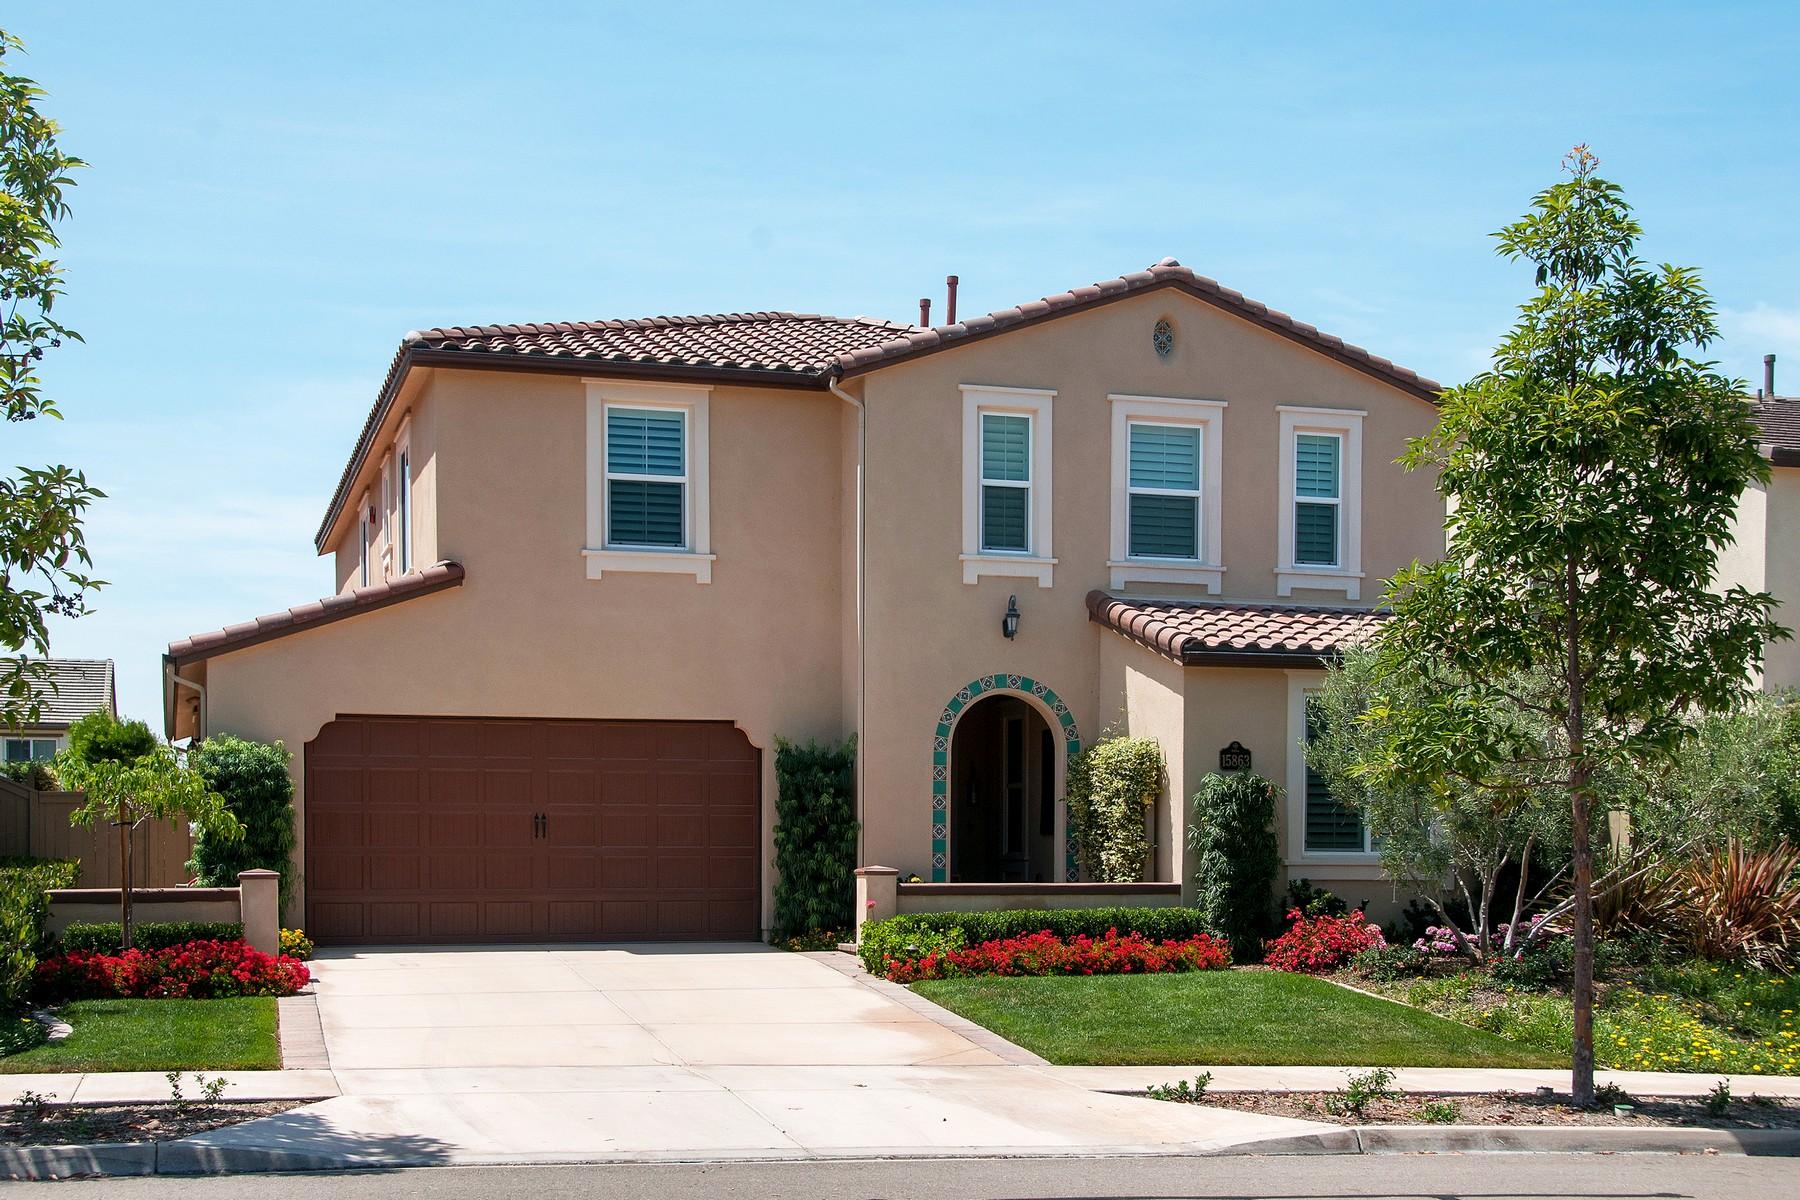 단독 가정 주택 용 매매 에 15863 Monte Alto Terrace San Diego, 캘리포니아 92127 미국